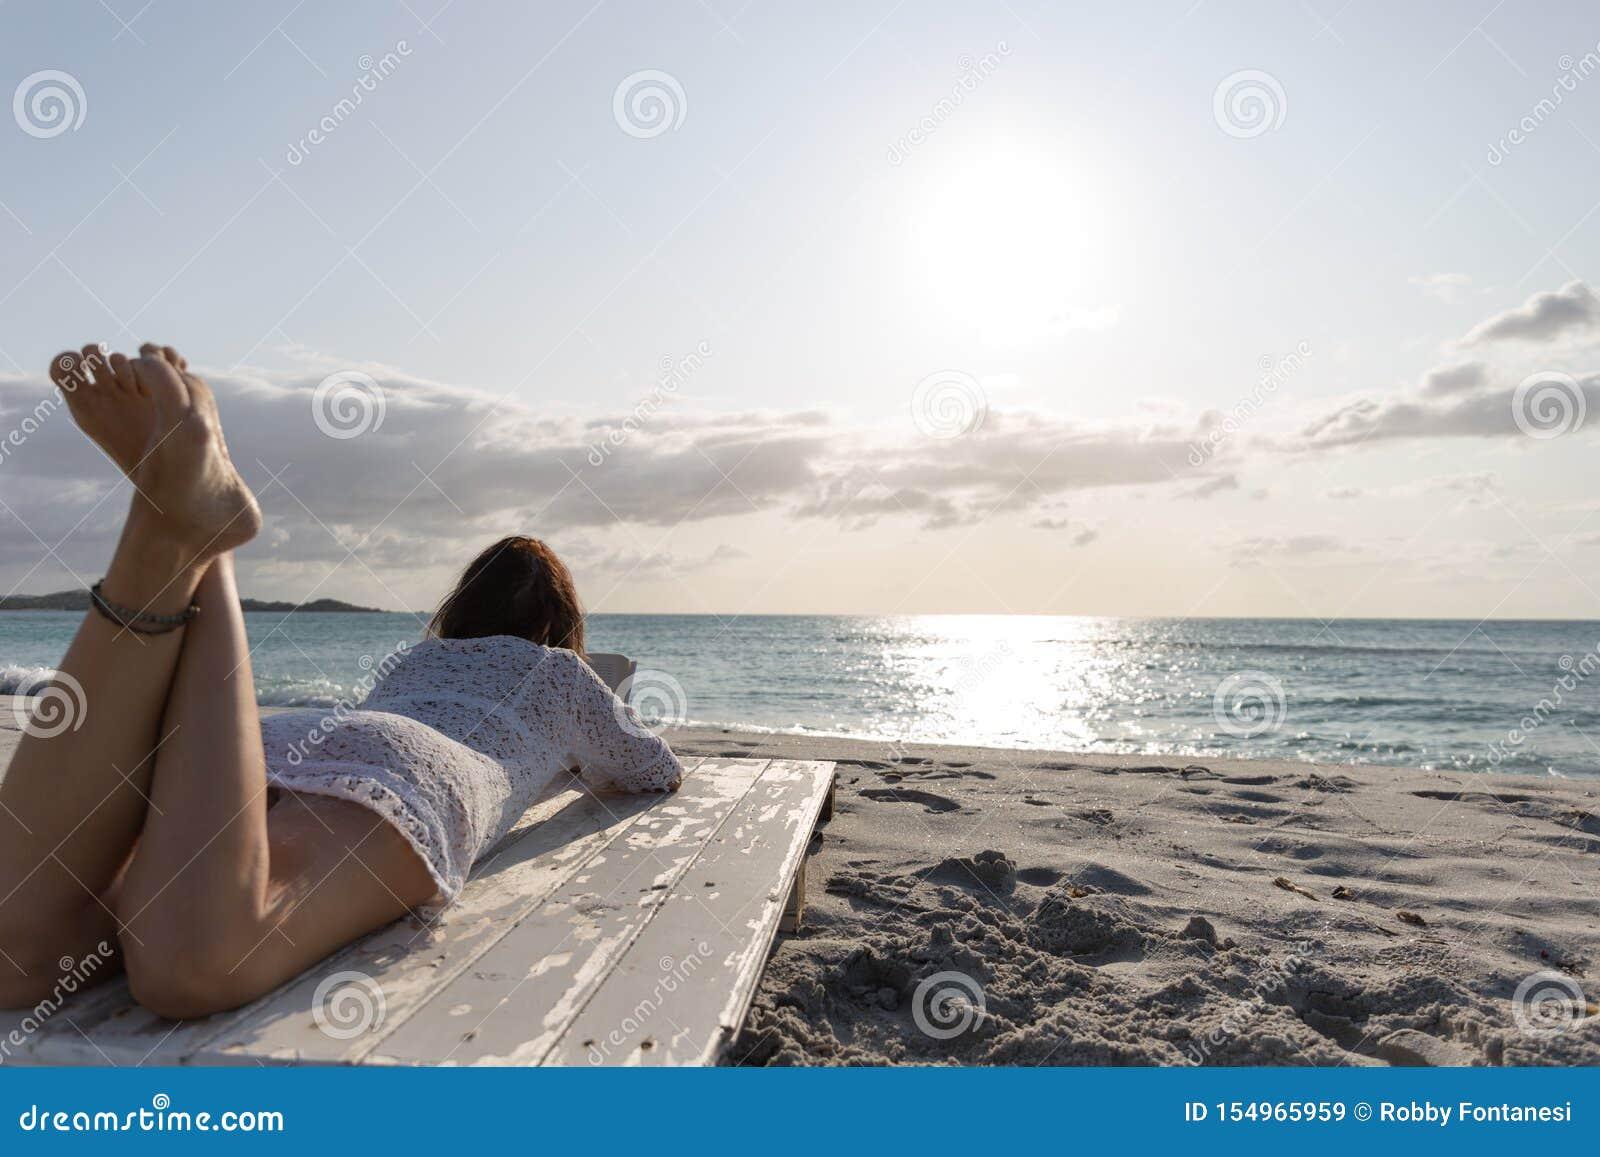 La mujer joven de detrás la mentira por las miradas del mar en el horizonte en el amanecer en el viento, vestido en un vestido y